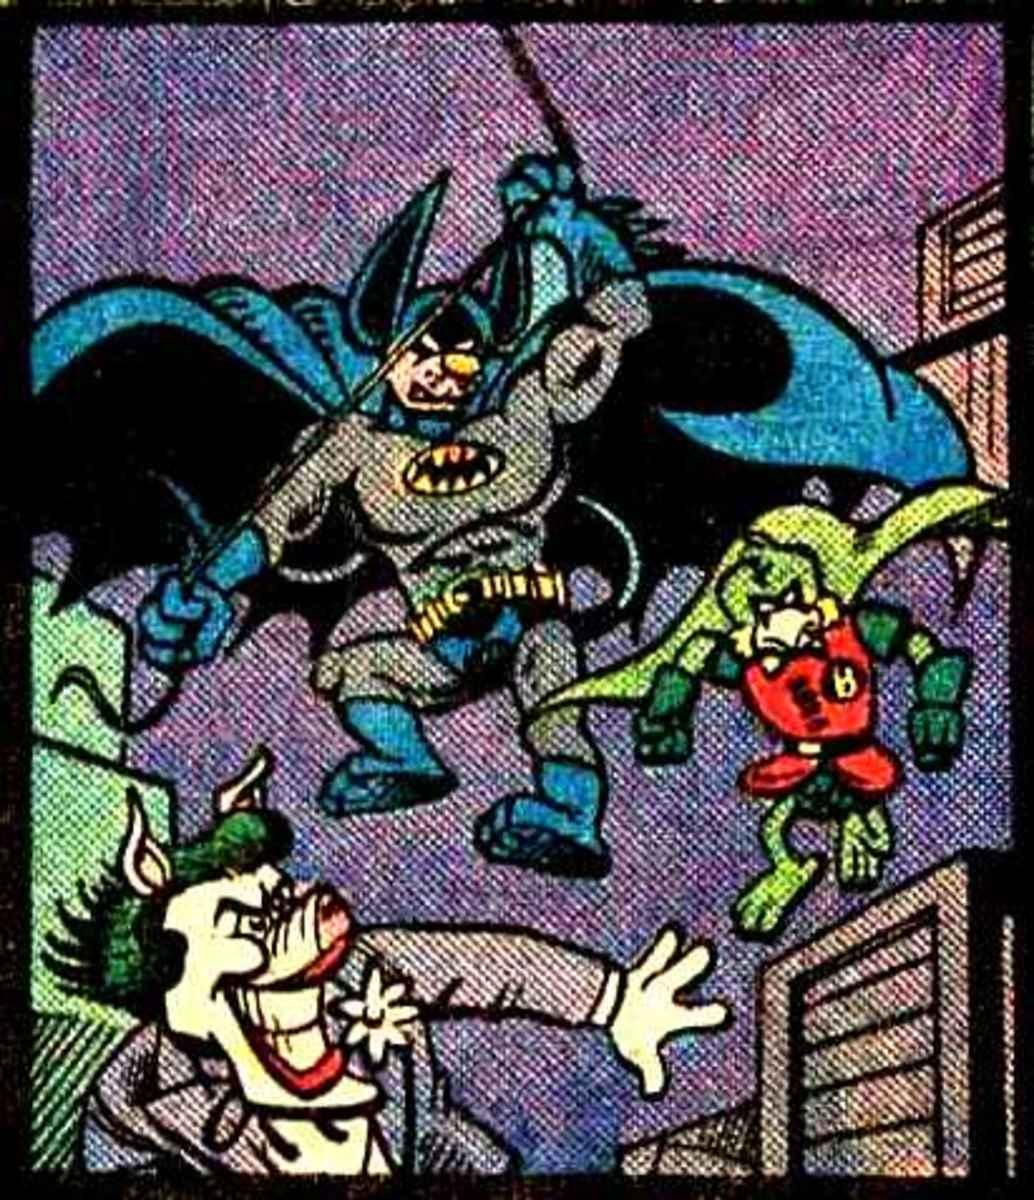 Batmouse and Boyd, The Robin Wonder